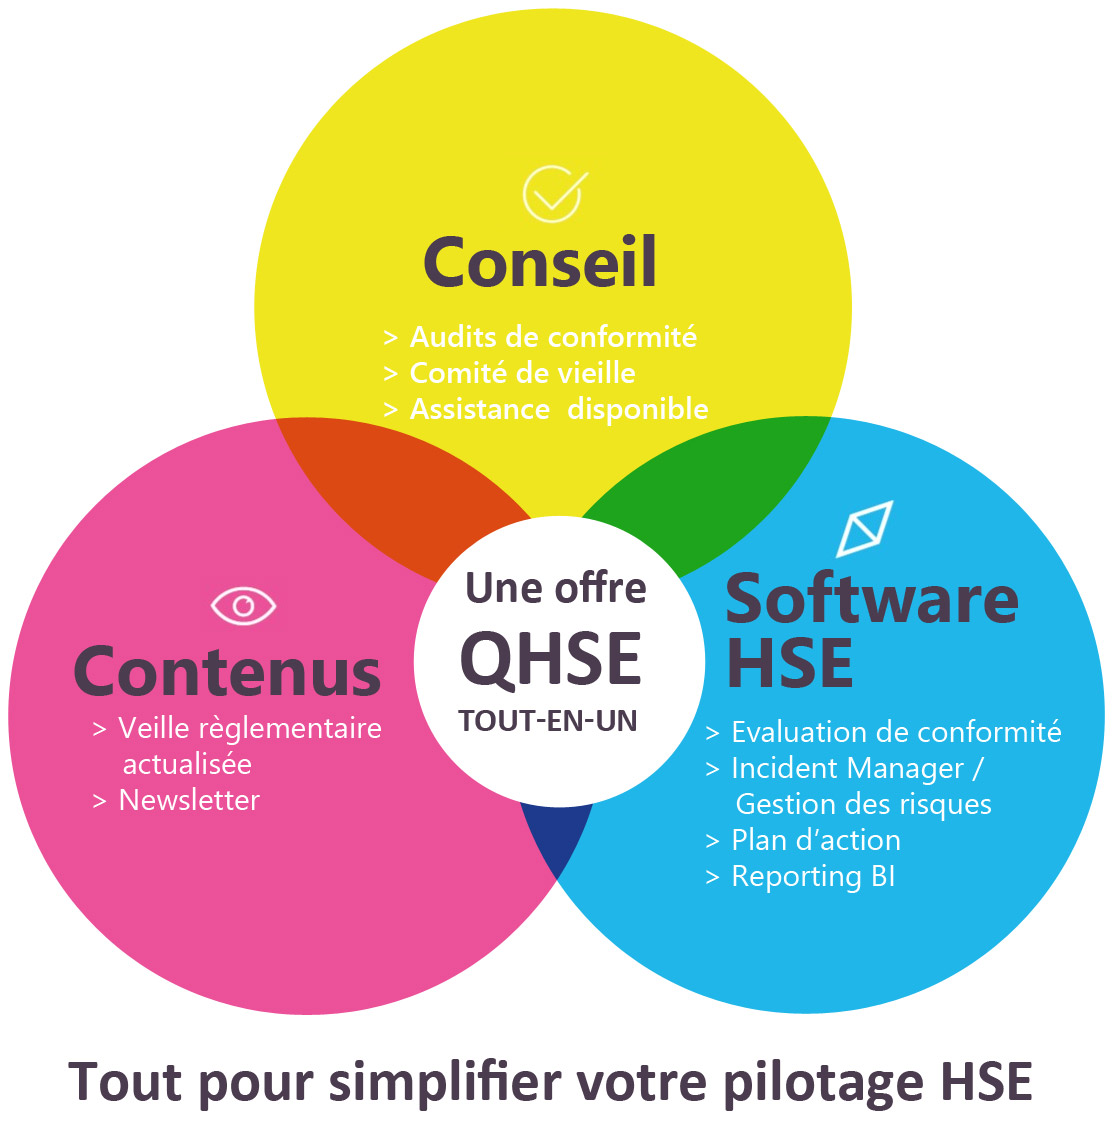 Piloter son activité HSE grâce à une offre tout-en-un